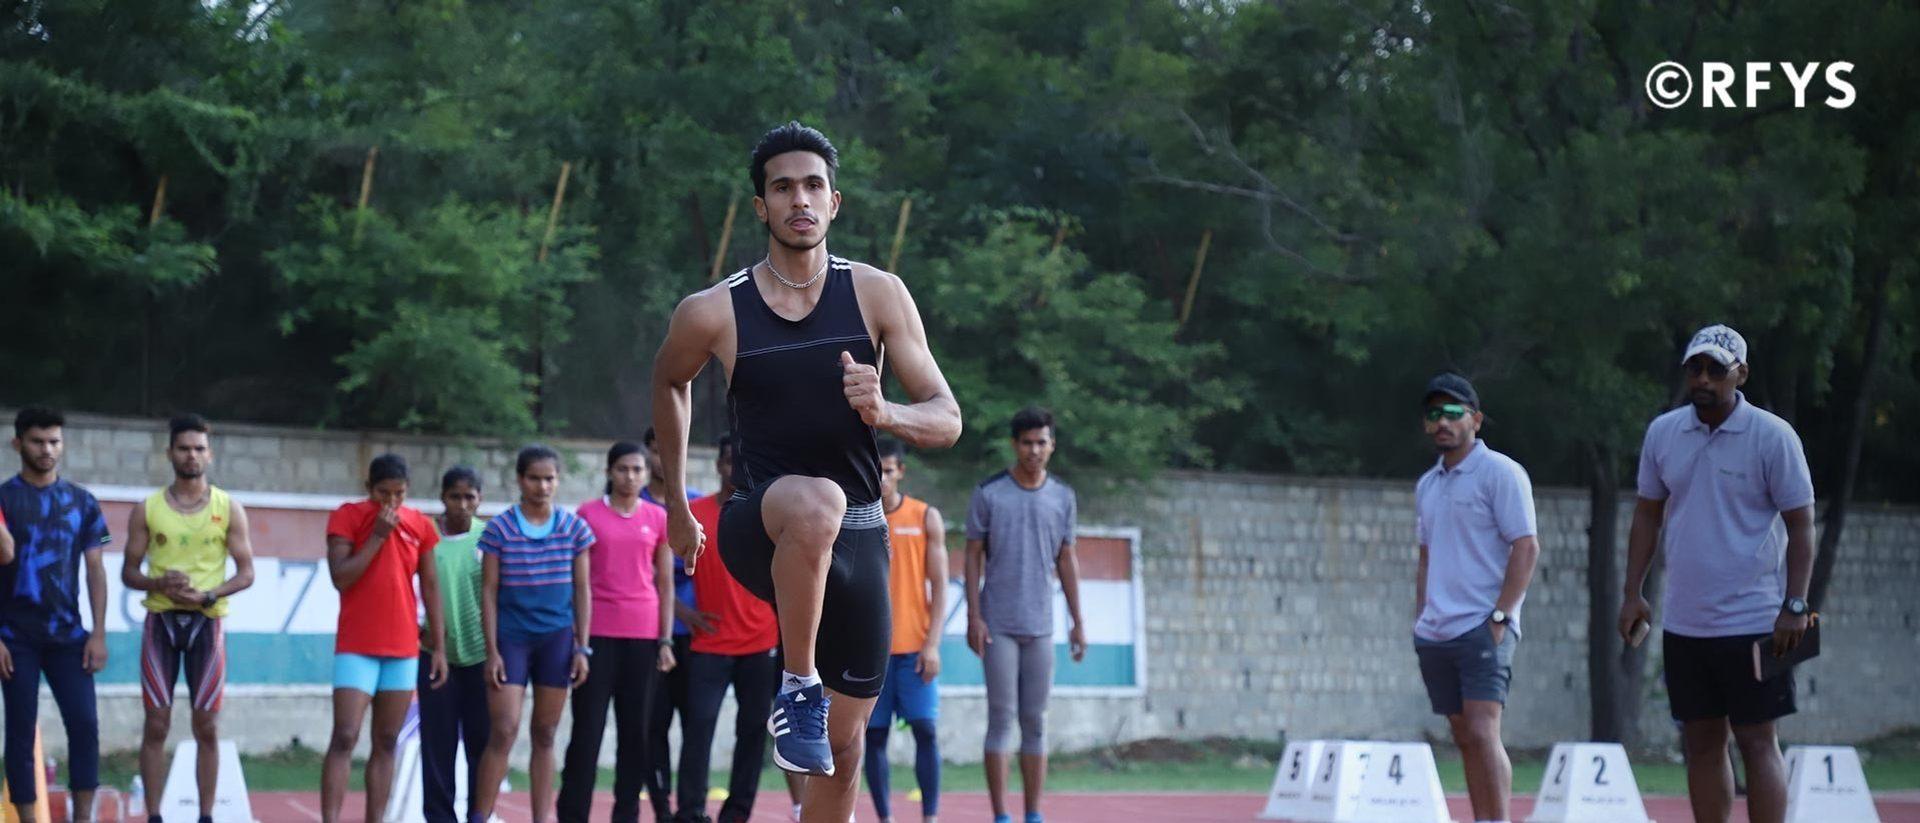 RFYS Athletics Elite Camp 2018 Concludes In Bengaluru